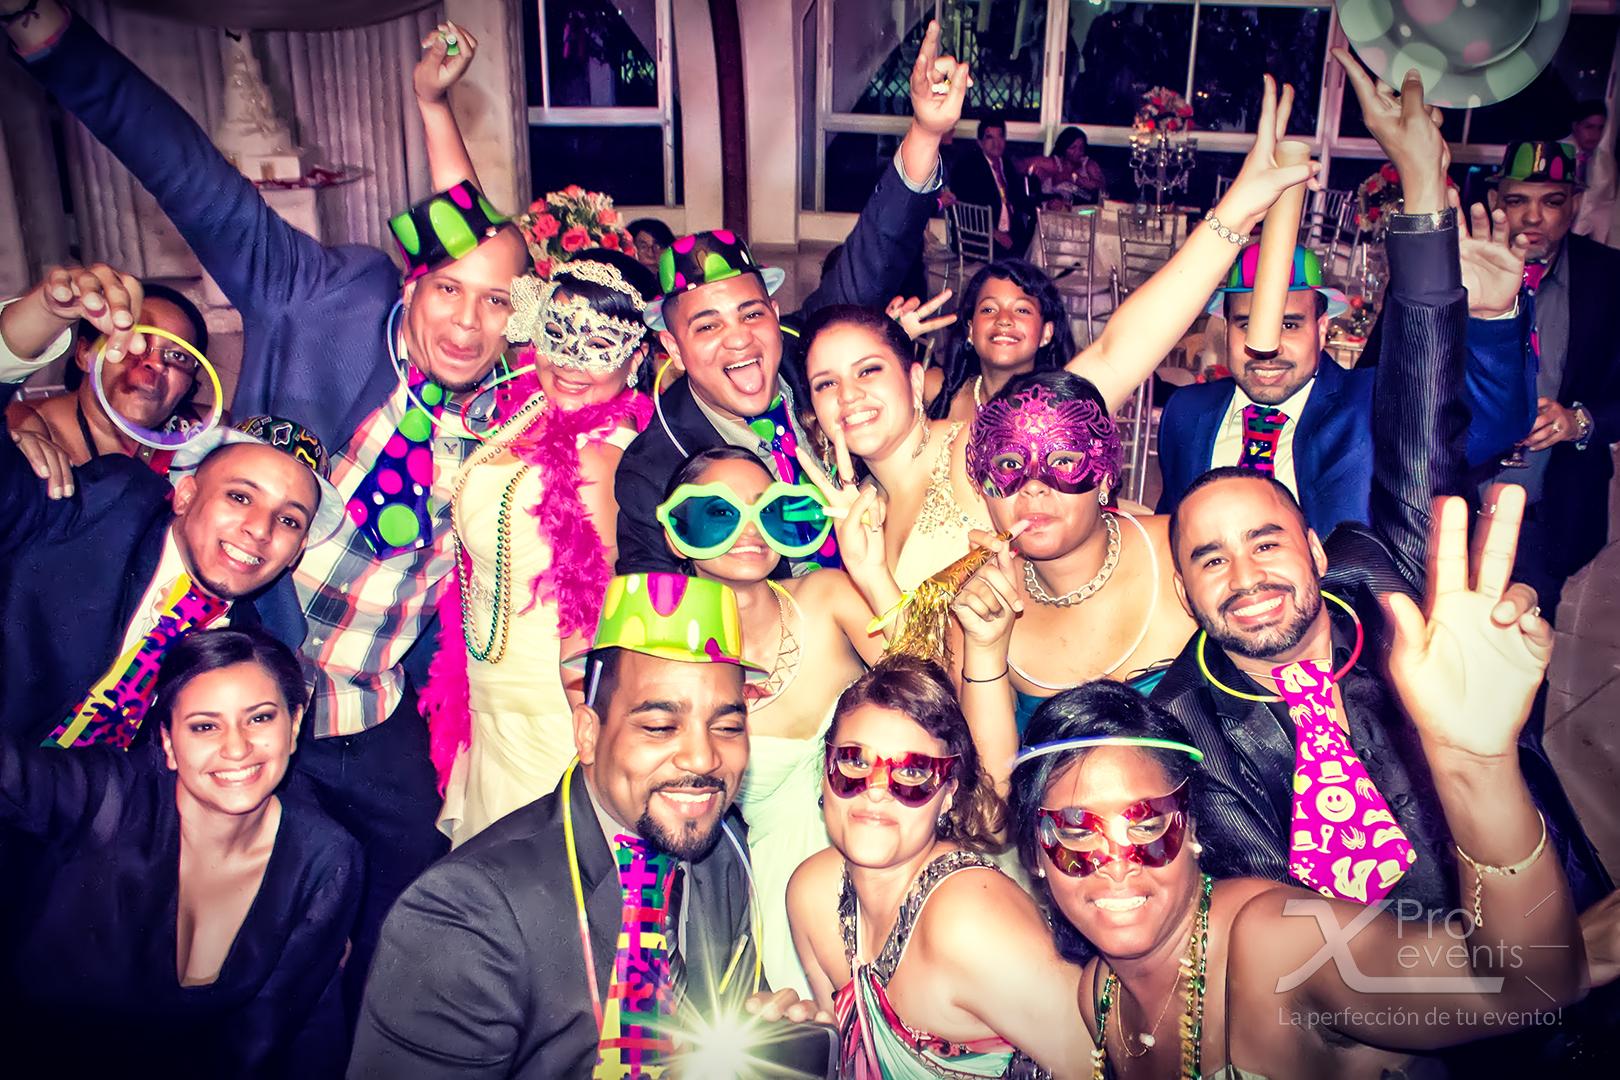 www.Xproevents.com - Ponemos a gozar a tus invitados.jpg